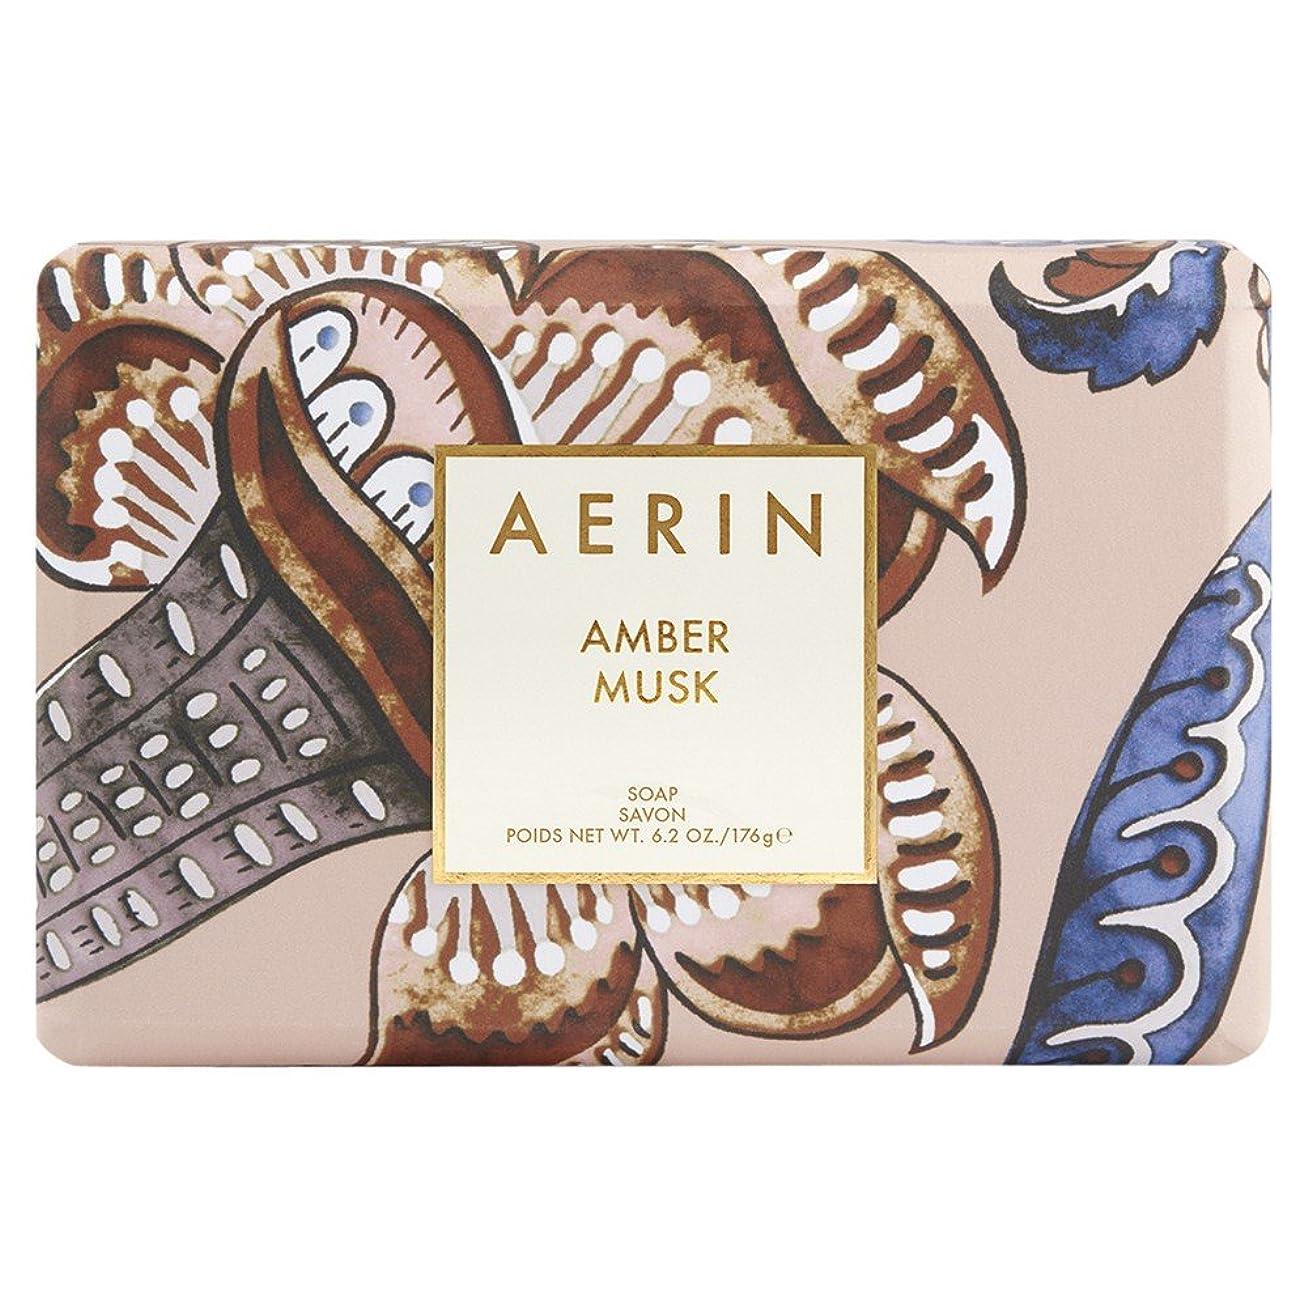 アボート永久に肺炎Aerinアンバームスクソープ176グラム (AERIN) - AERIN Amber Musk Soap 176g [並行輸入品]